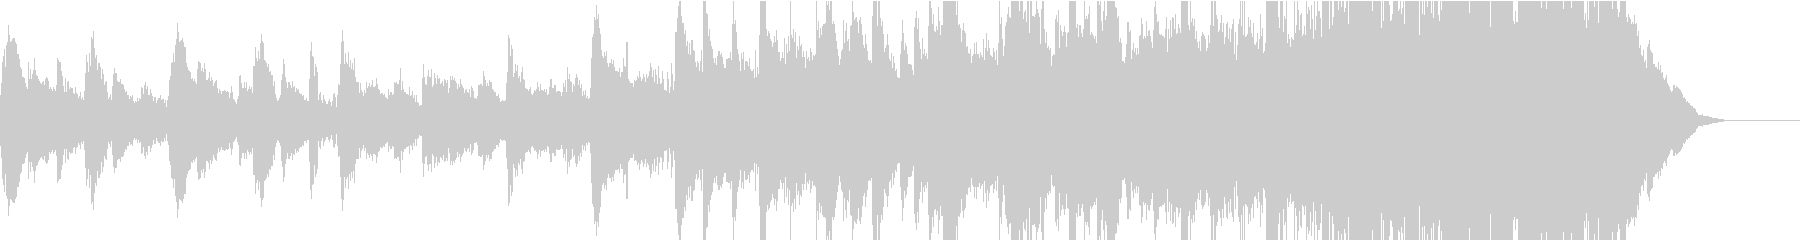 自然を感じる3拍子のピアノポップスの未再生の波形